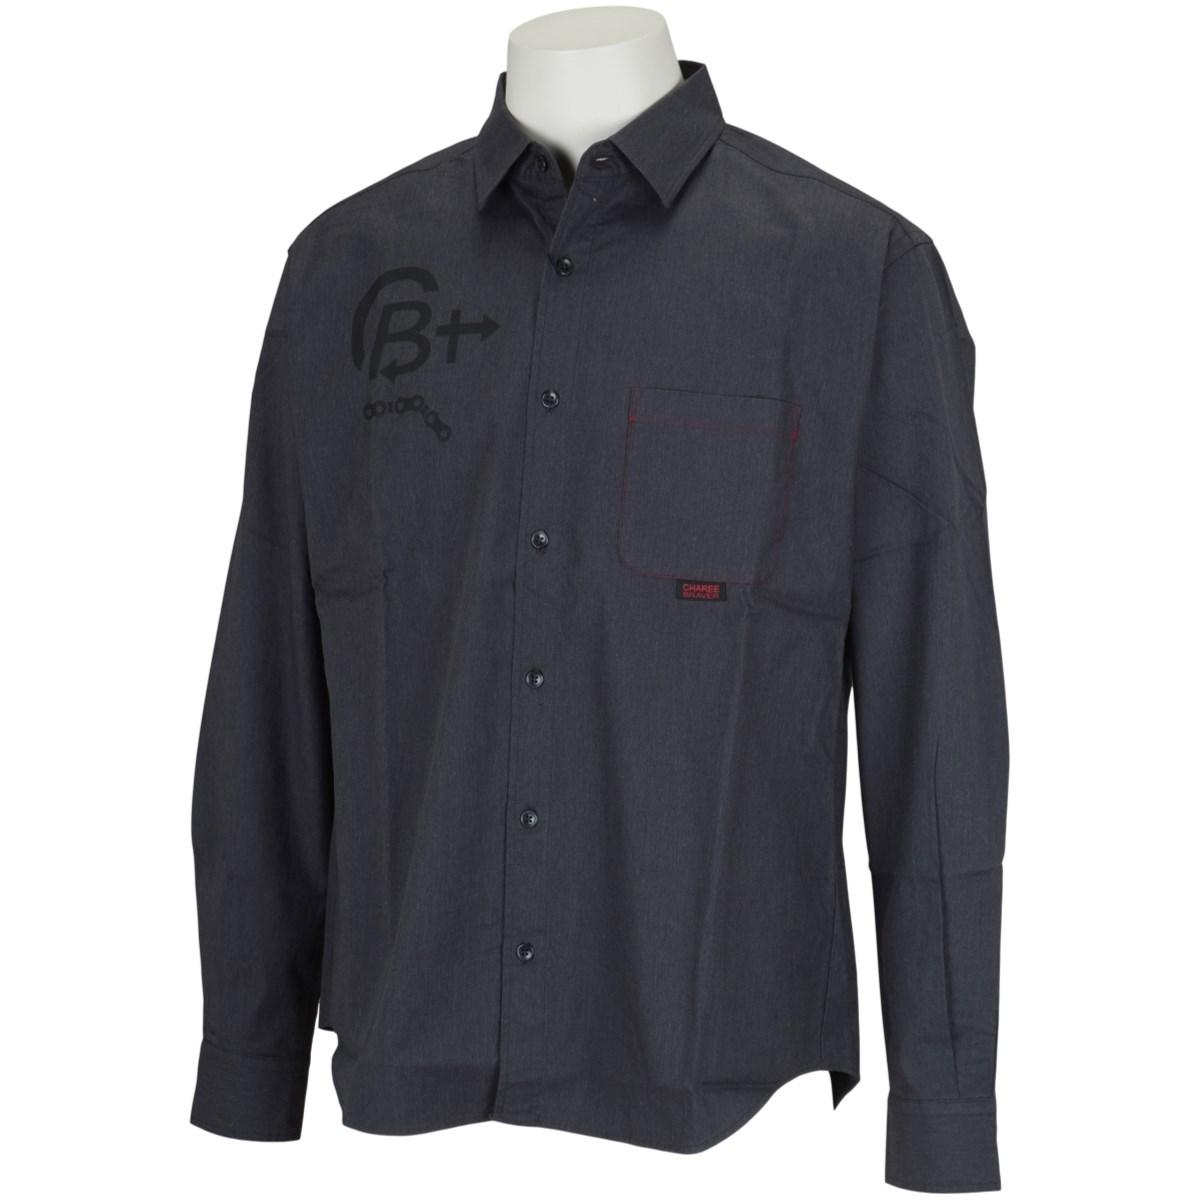 チャーリーブレイバー Charee Braver ストレッチロゴプリントレギュラーカラー 長袖シャツ L(3) チャコールグレー